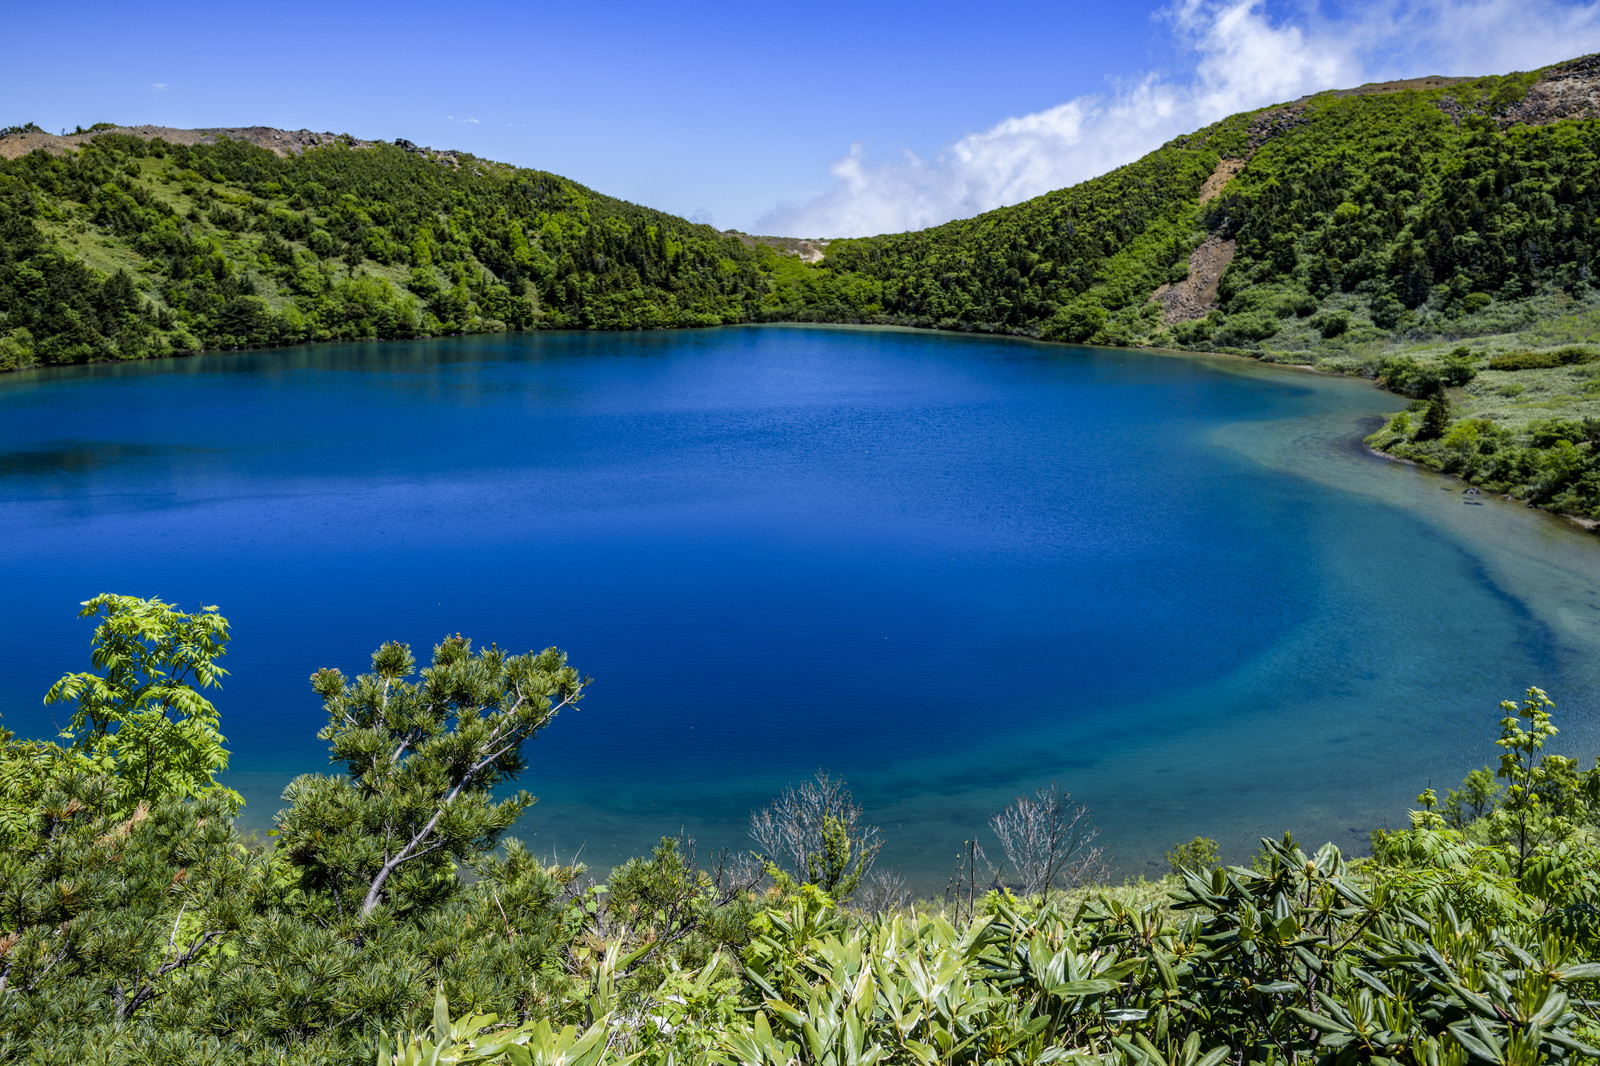 「神秘的な青いカルデラ湖(魔女の瞳)」